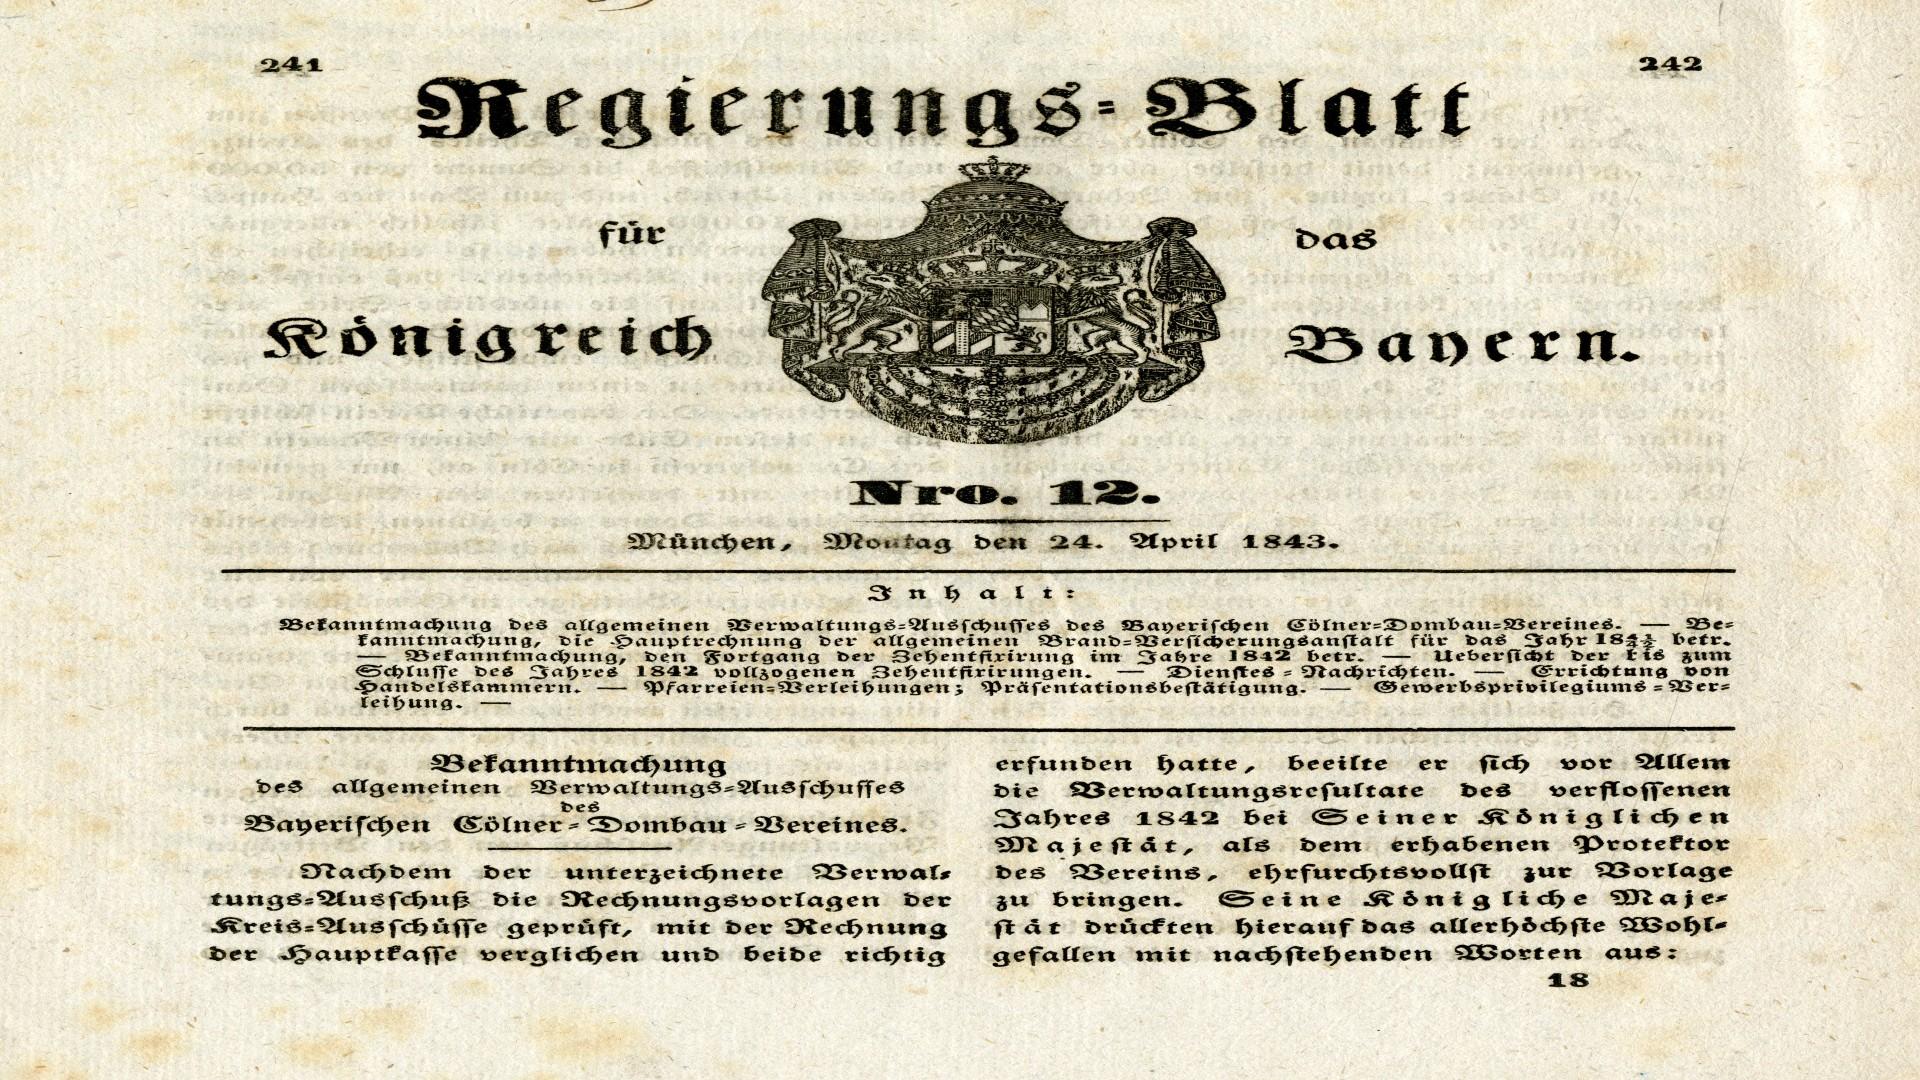 IHK schaut auf 175 Jahre Geschichte zurück